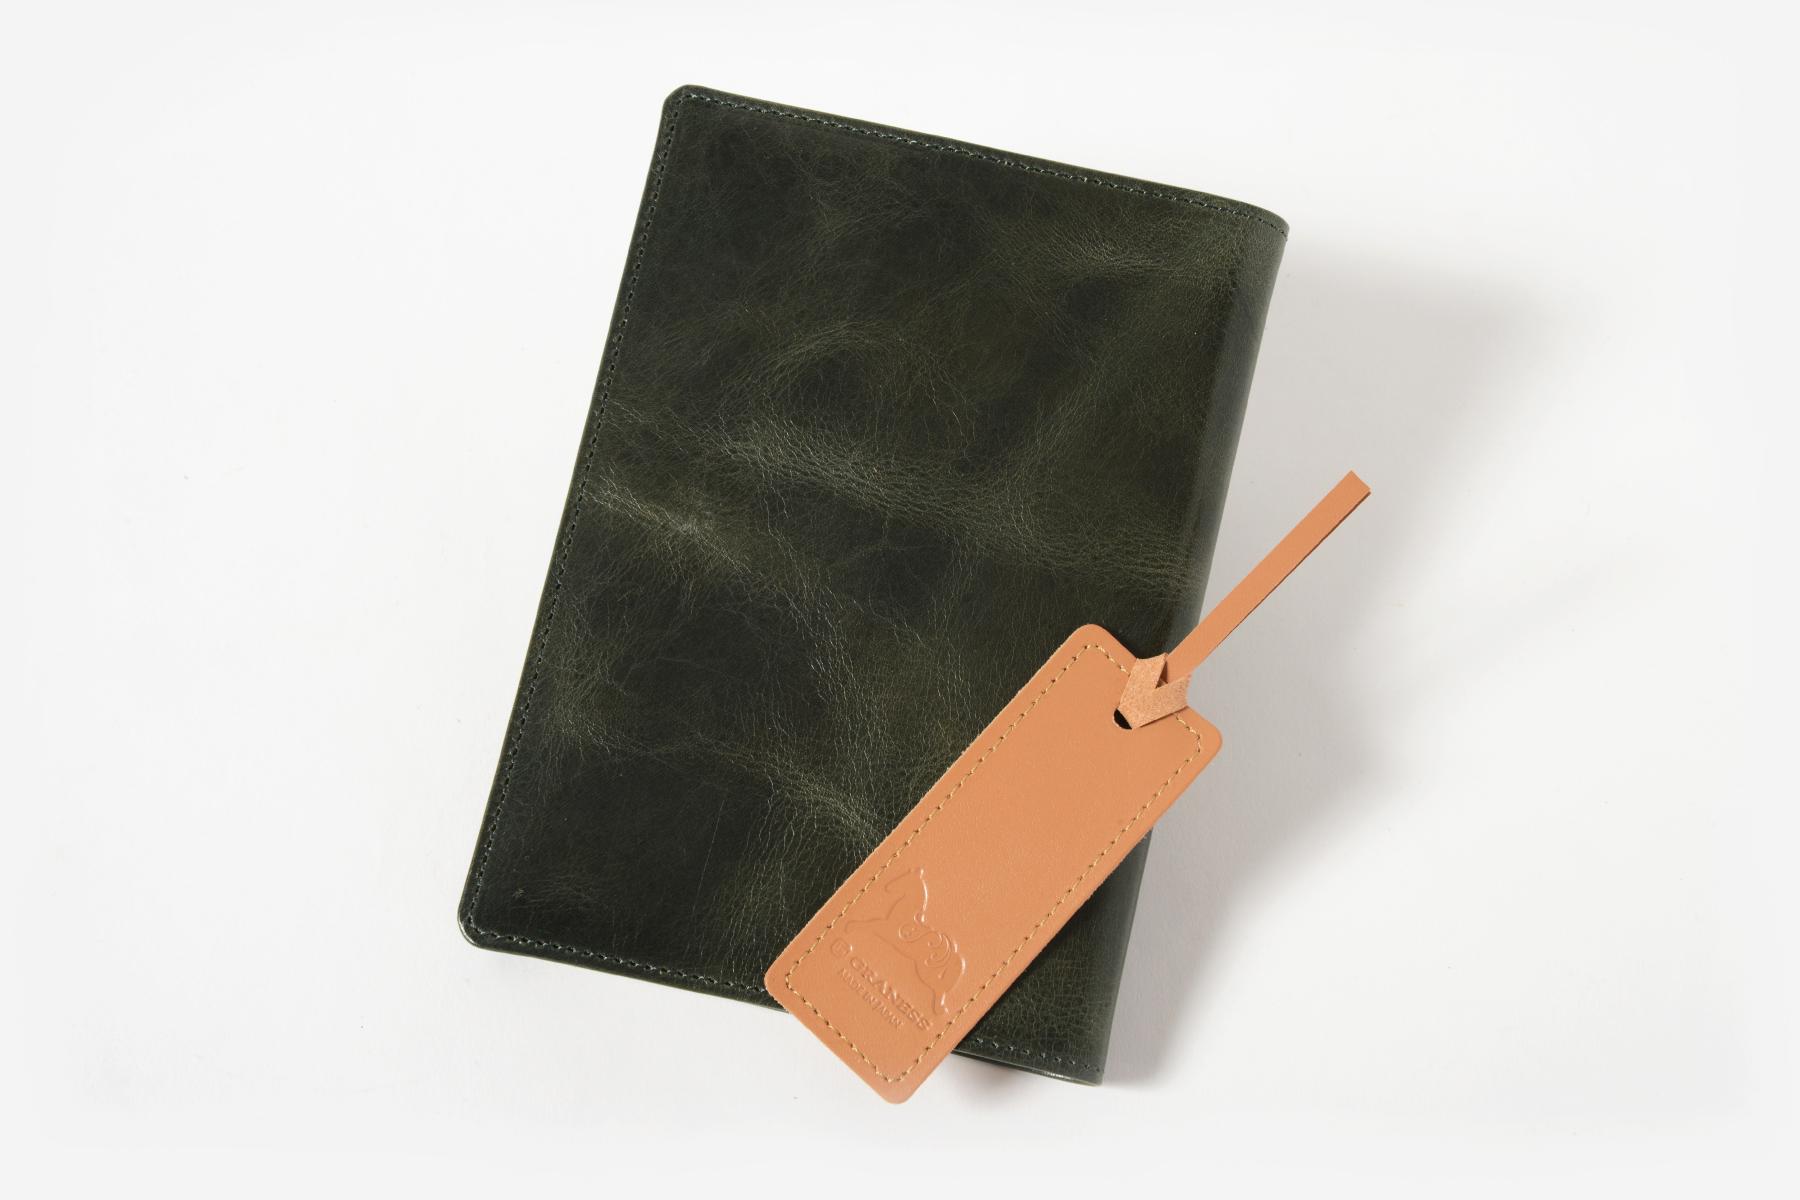 本革製ブックカバー・古城のディープフォレストを記念品として使用した例